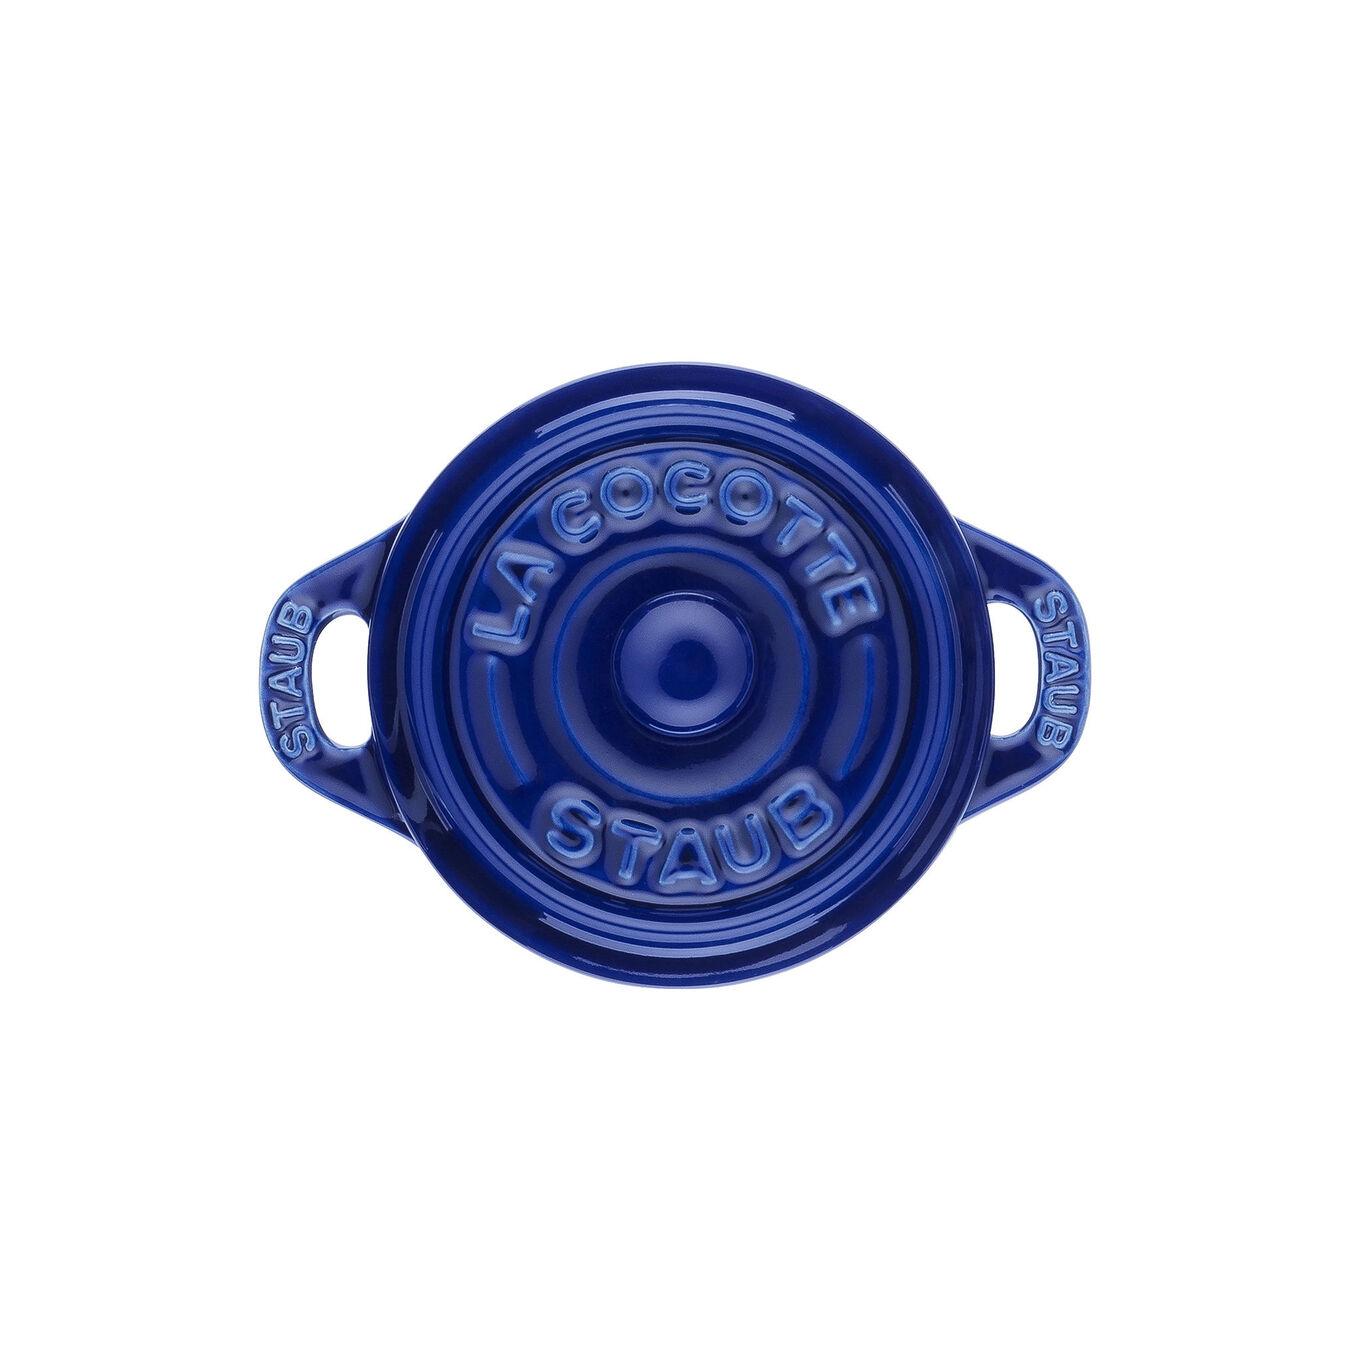 Mini Cocotte 10 cm, Rond(e), Bleu intense, Céramique,,large 3